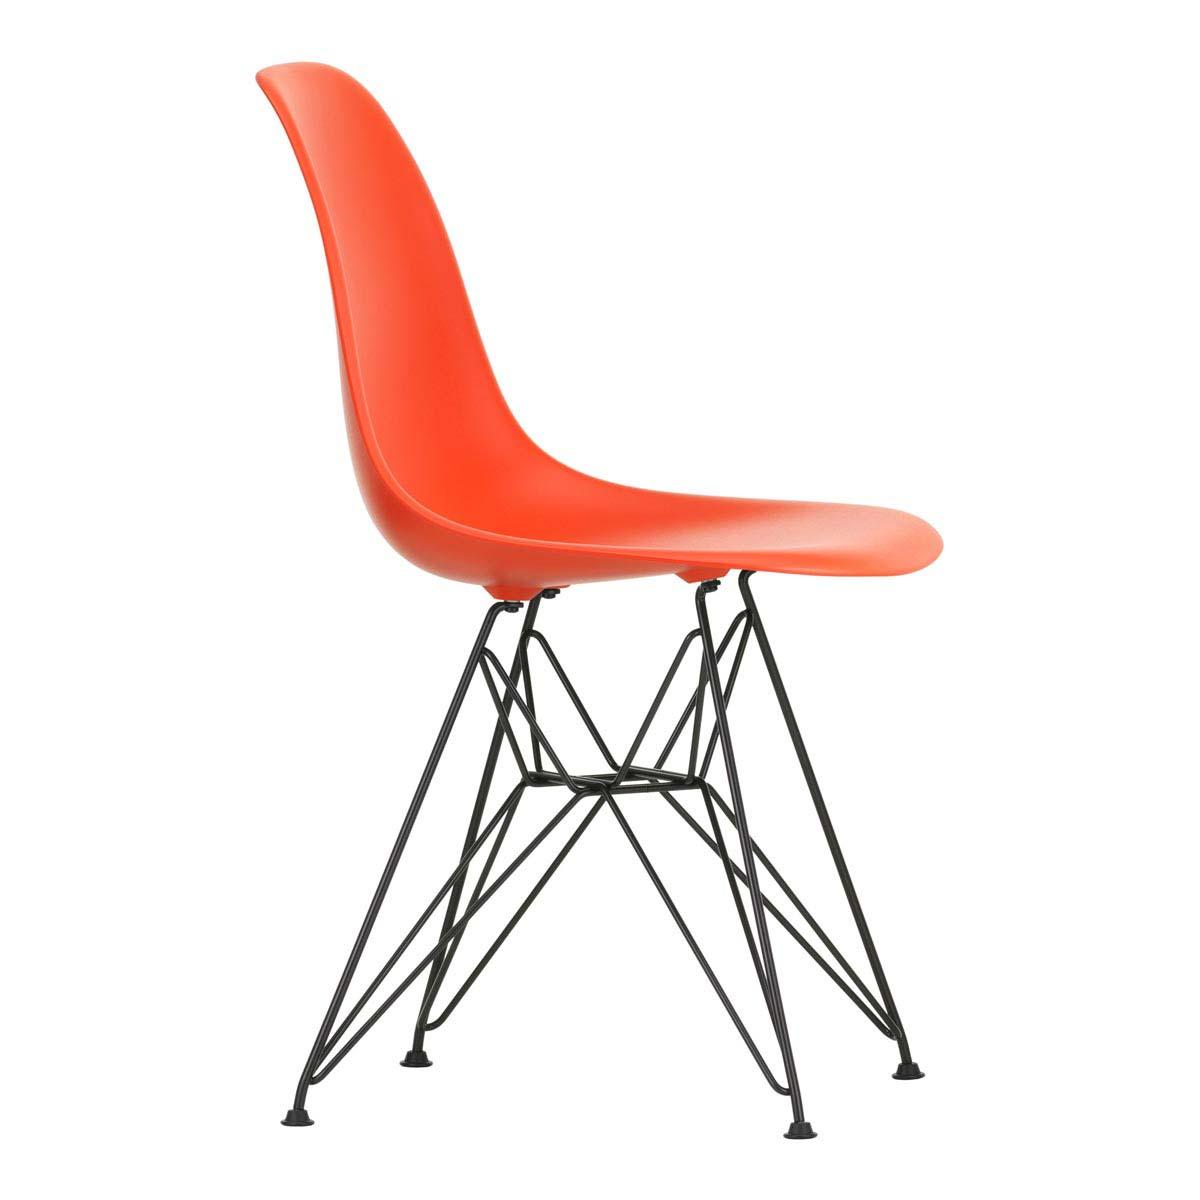 eames plastic chair dsr poppy red basic dark left